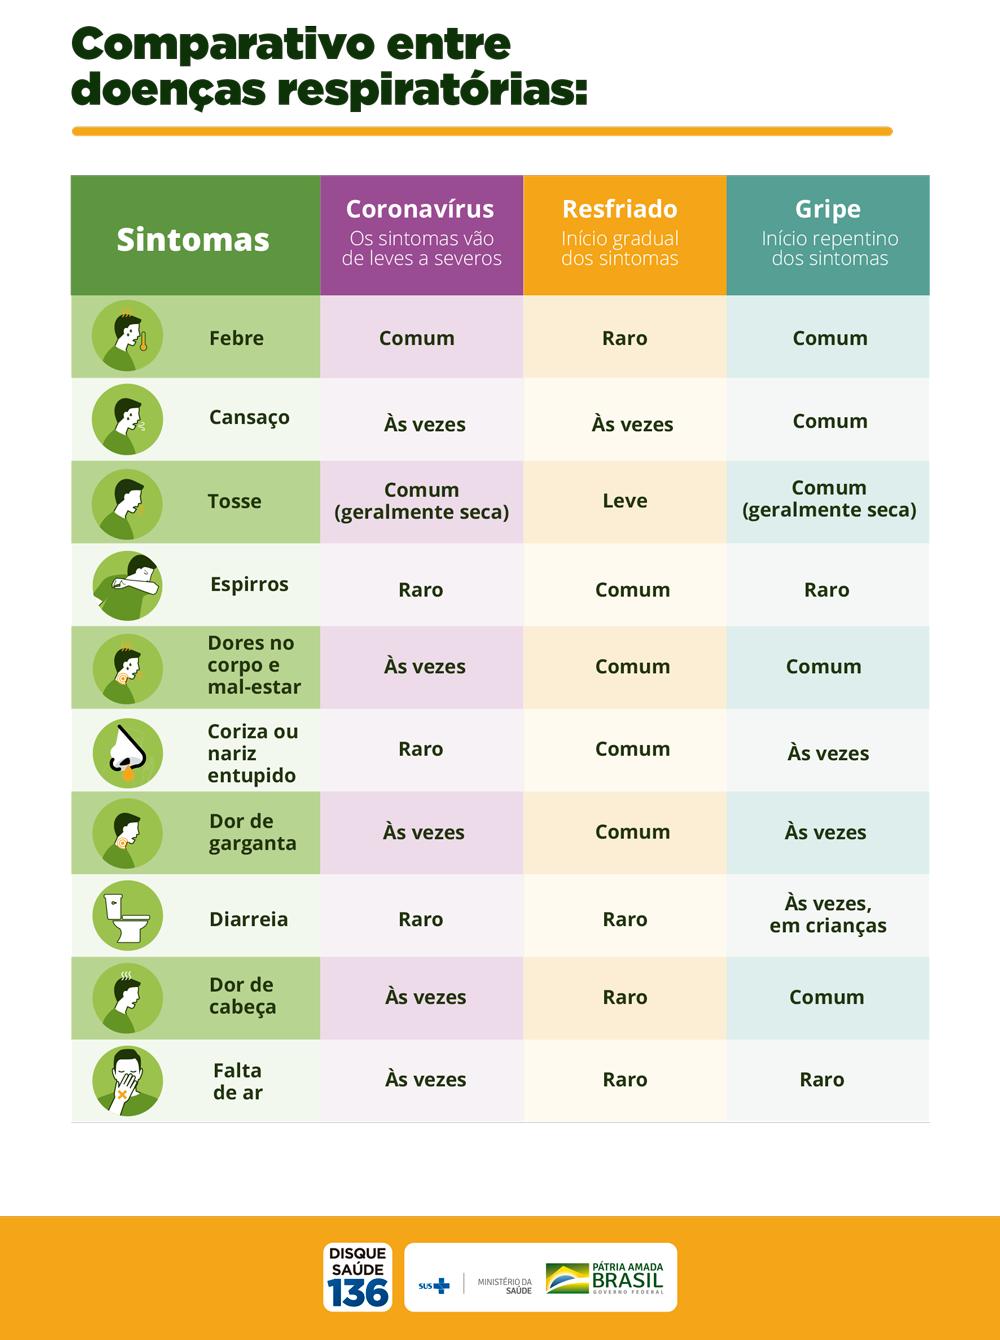 Comparativo entre doenças respiratórias